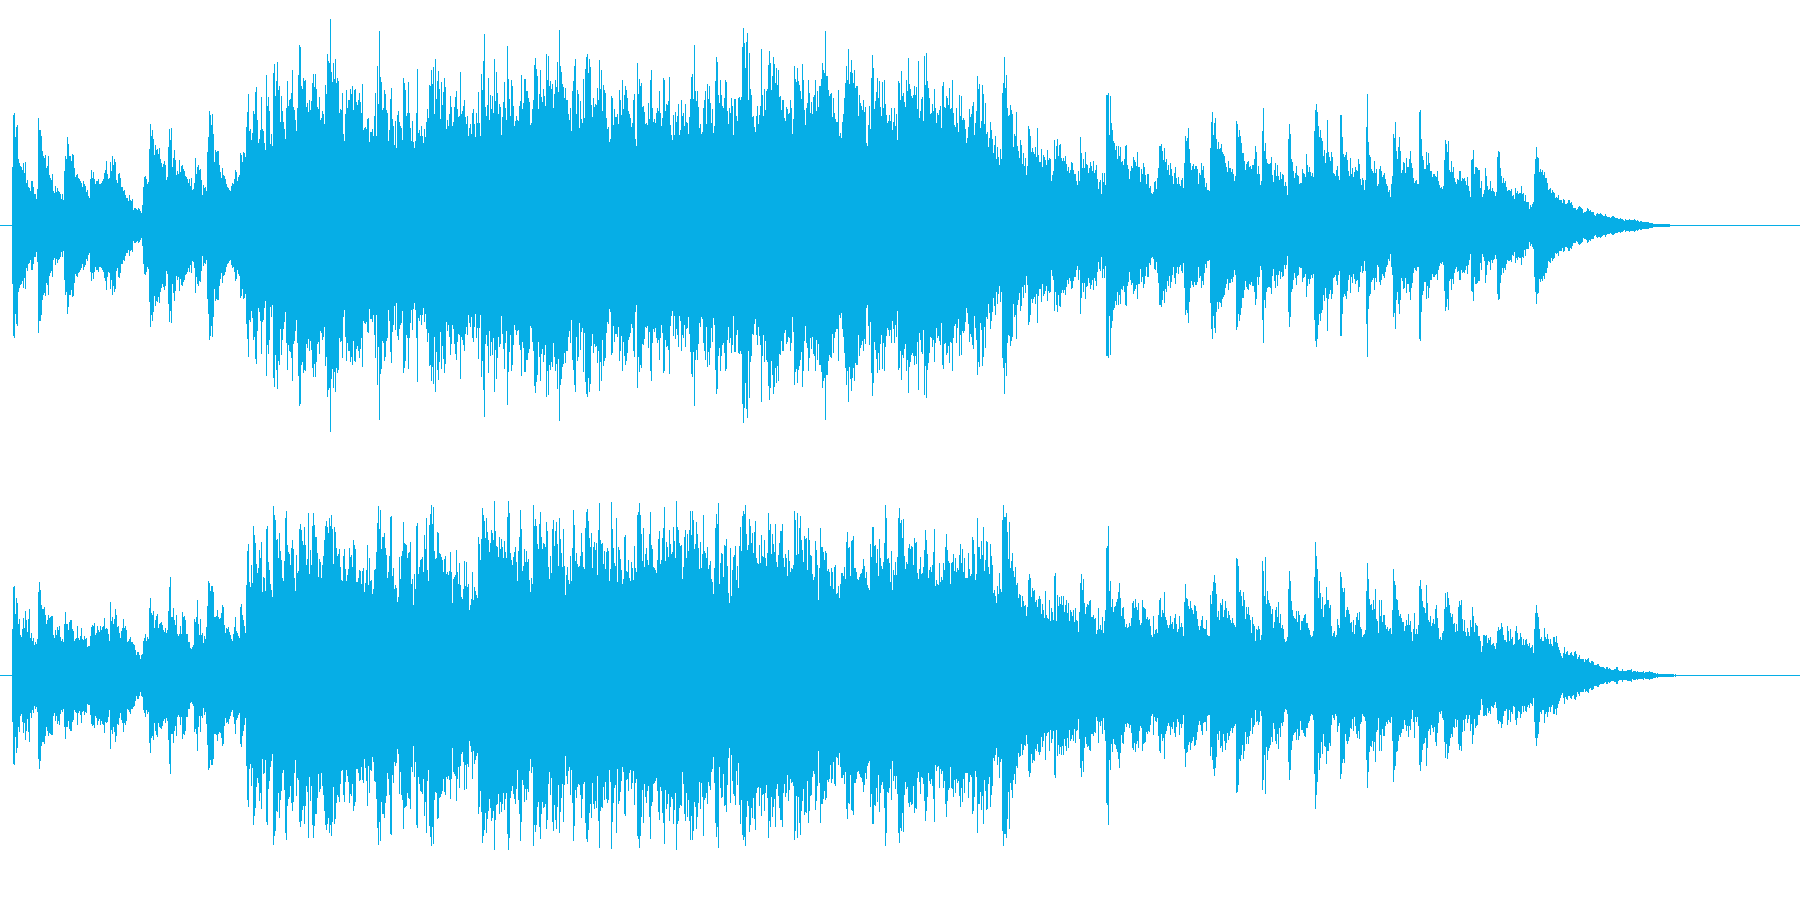 晴れ渡るウェディング風オープニングテーマの再生済みの波形